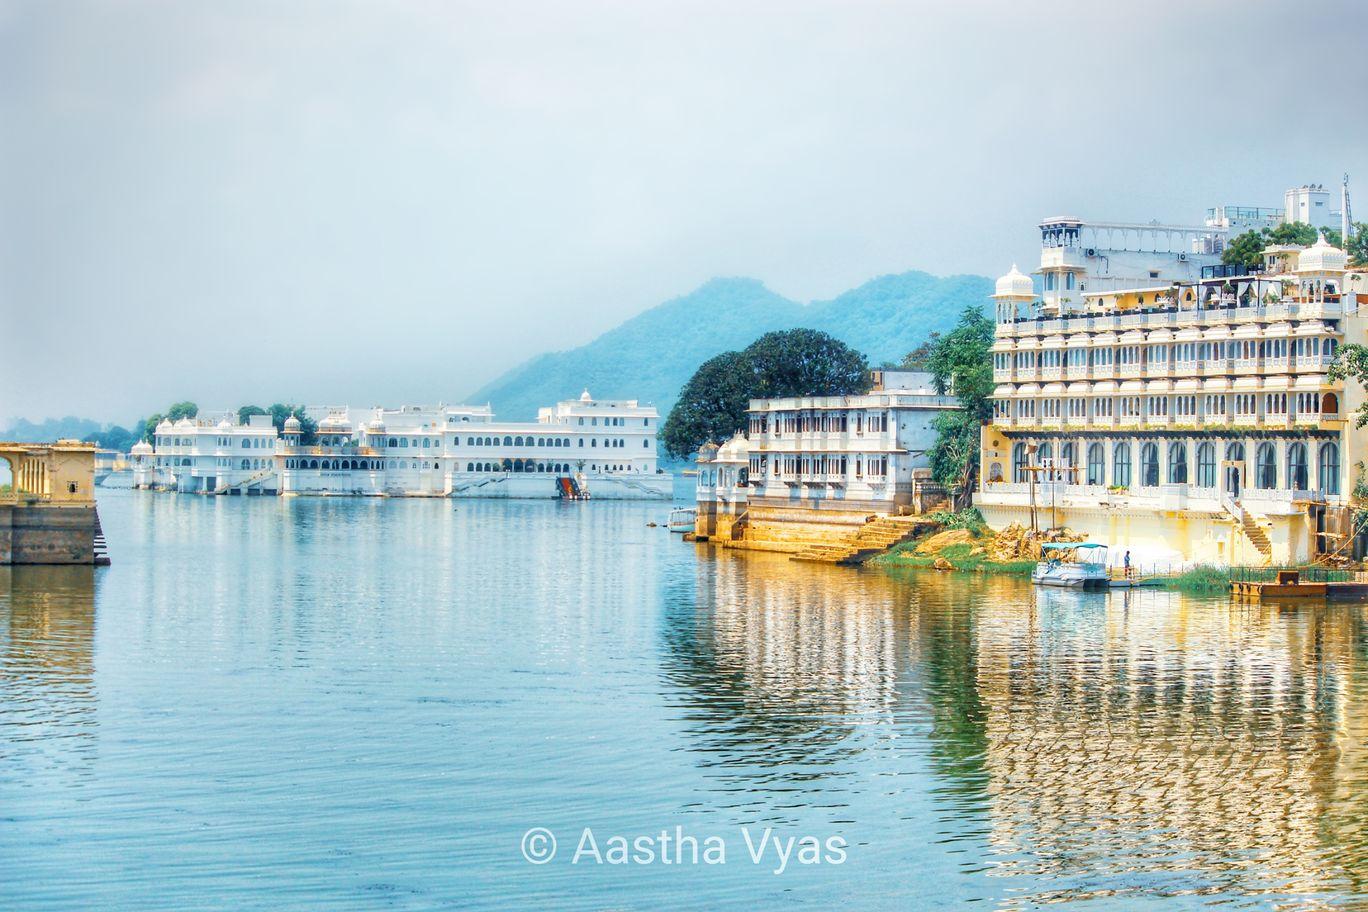 Photo of Lake Pichola By Aastha B. Vyas